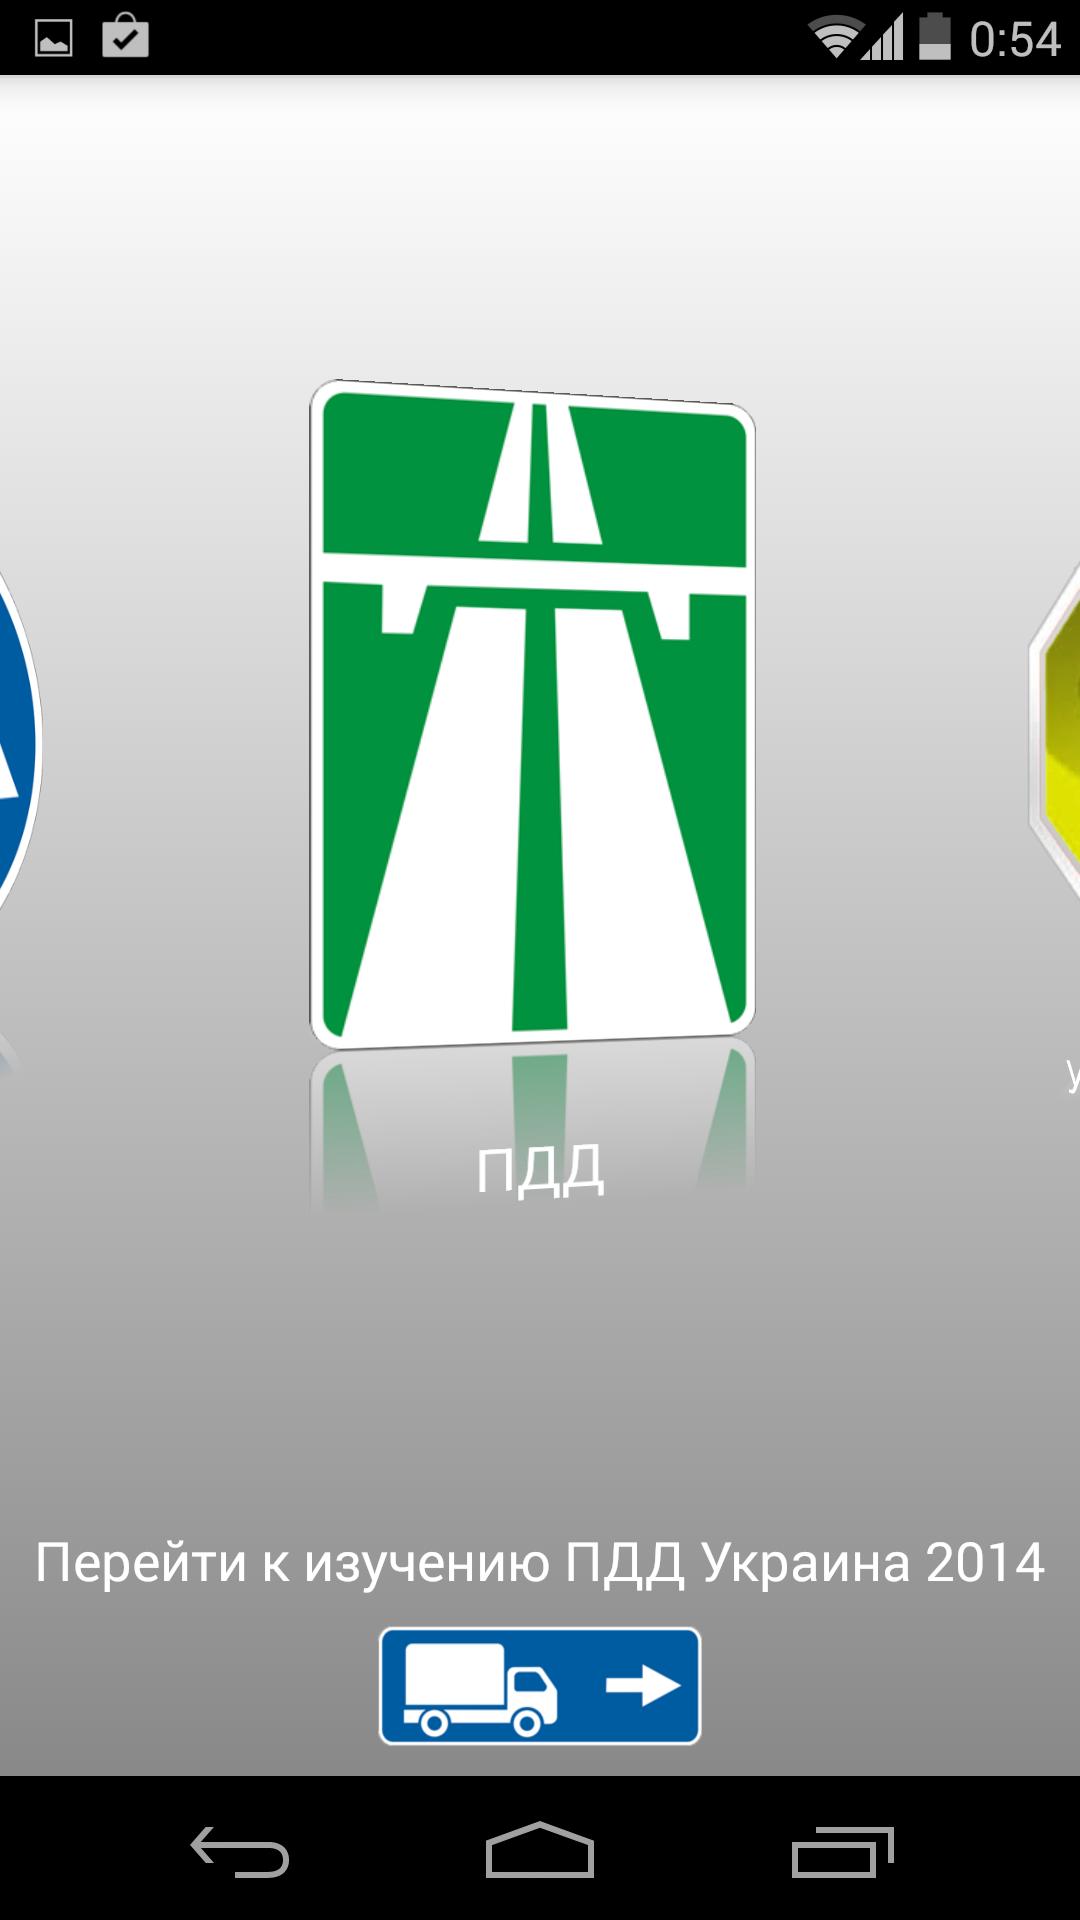 правила дорожного движения украины скачать бесплатно